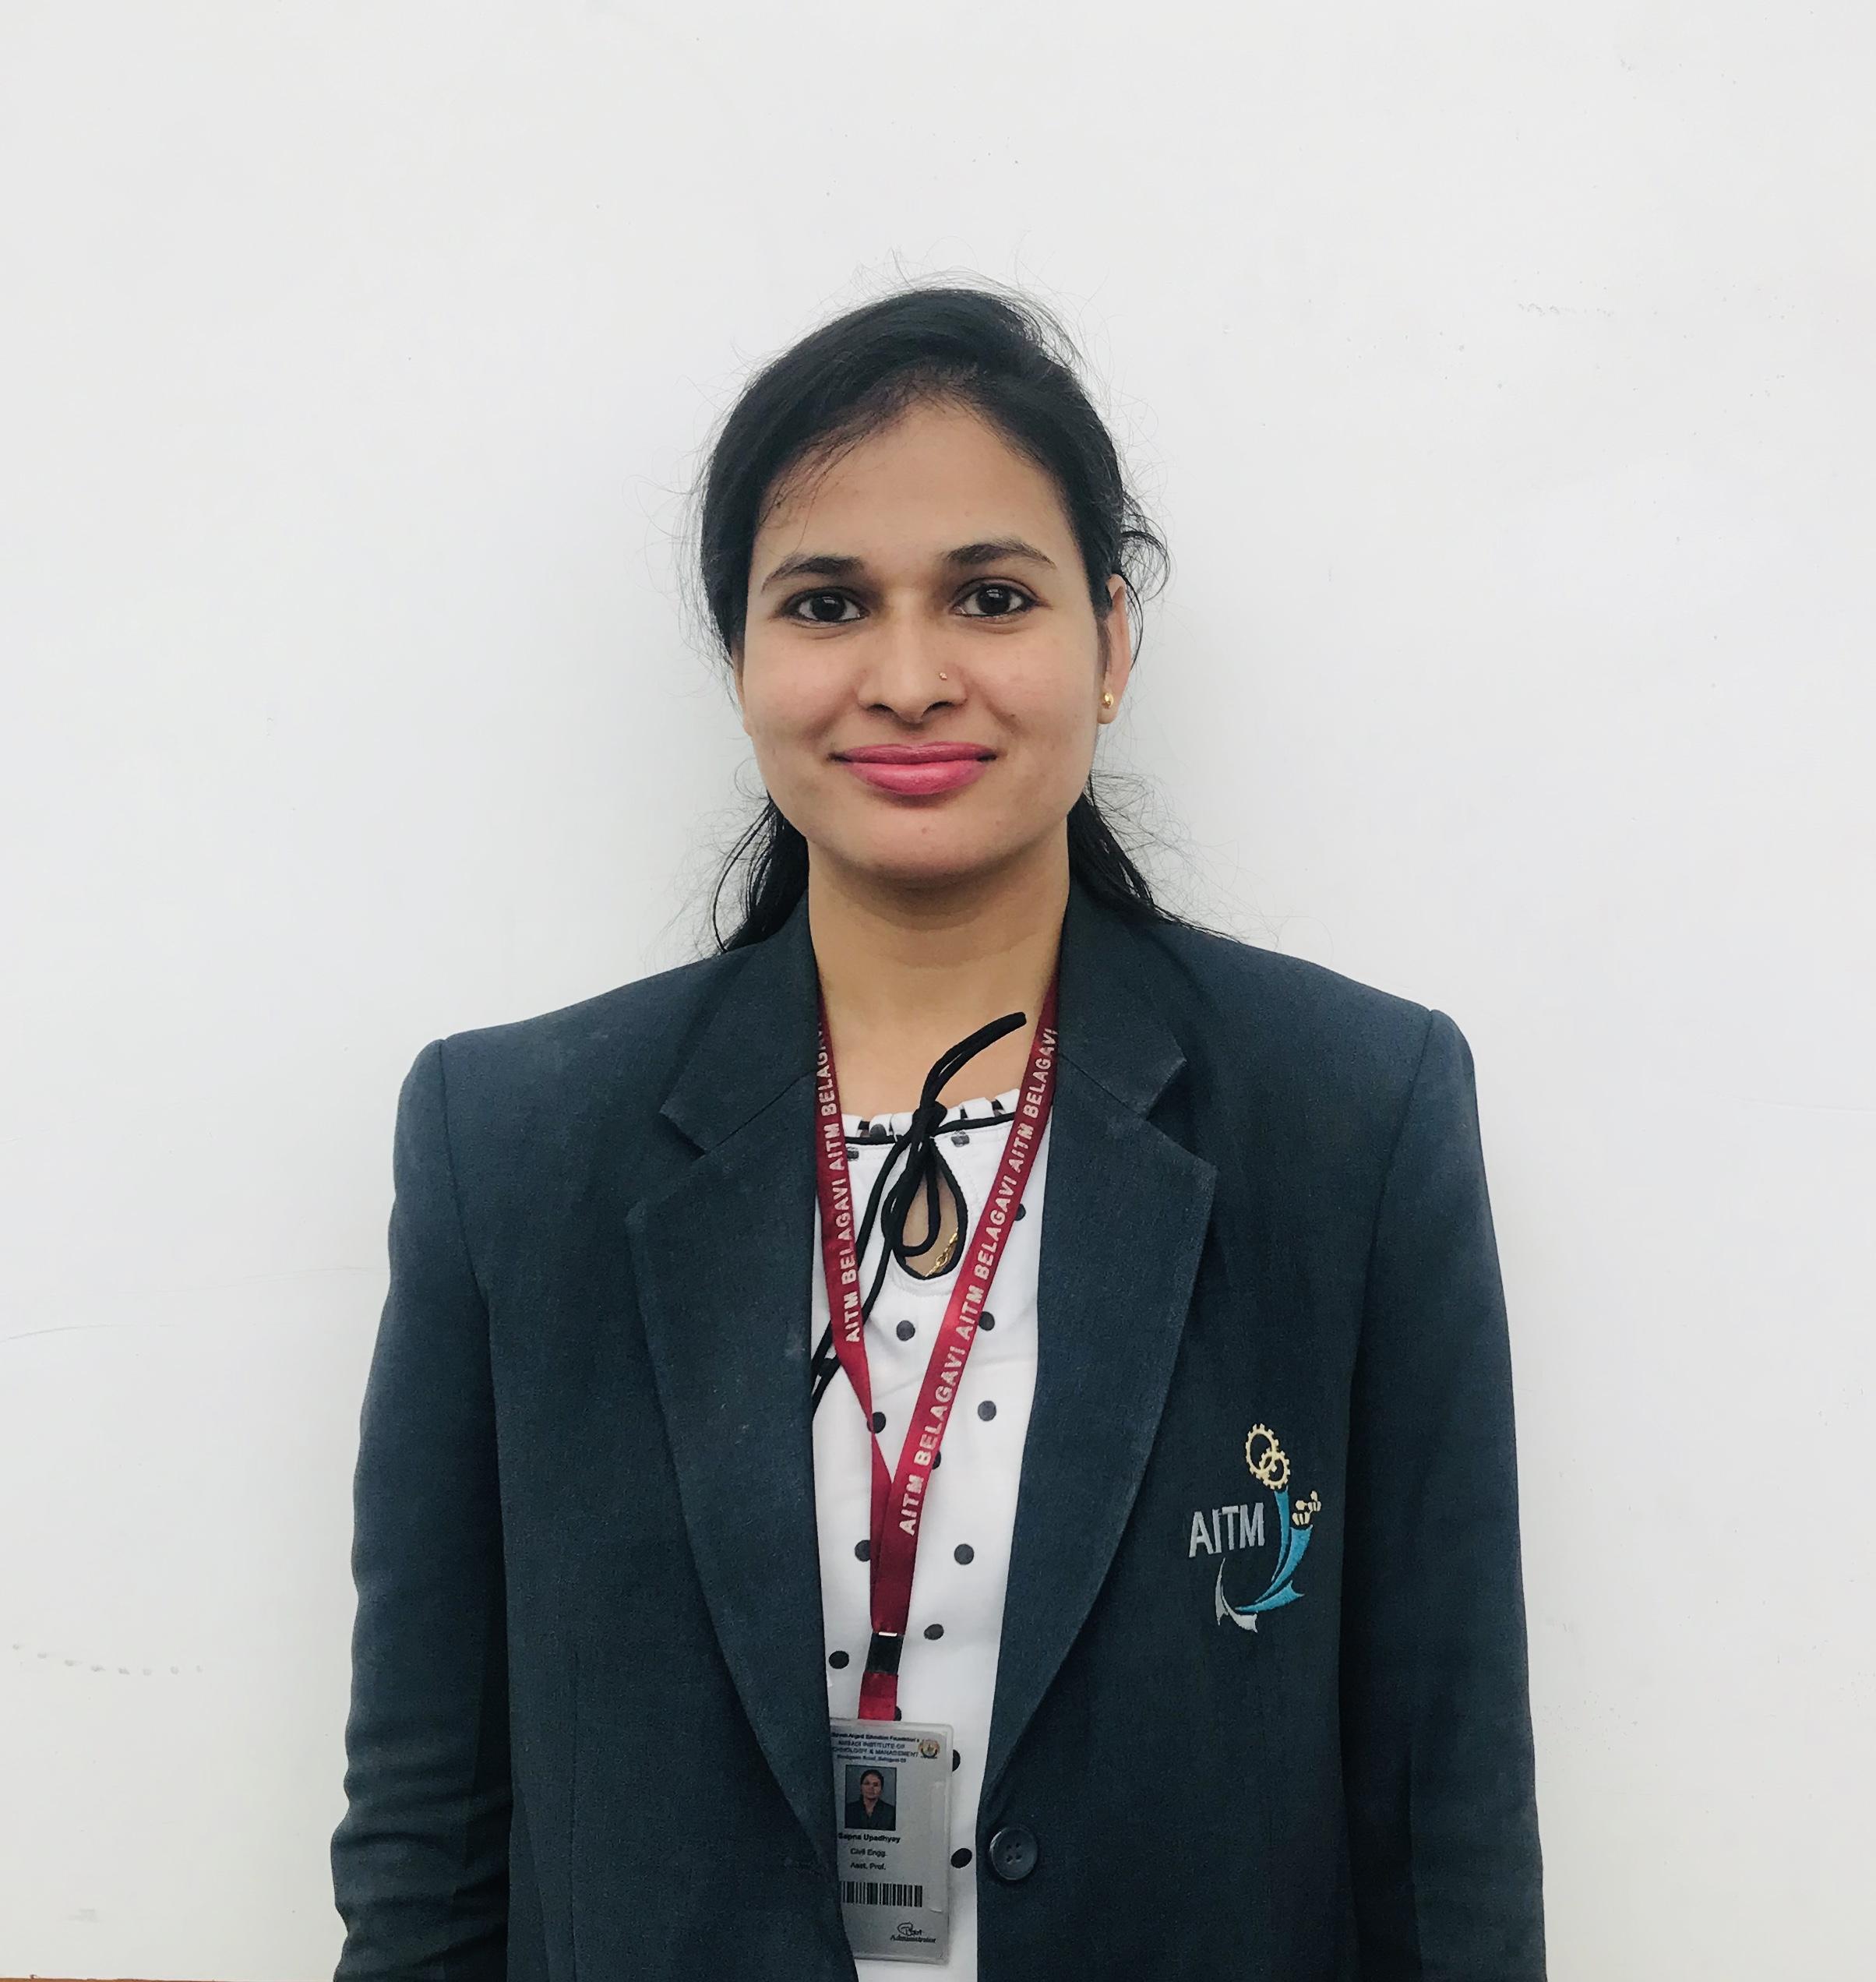 Ms. Sapna Upadhyay